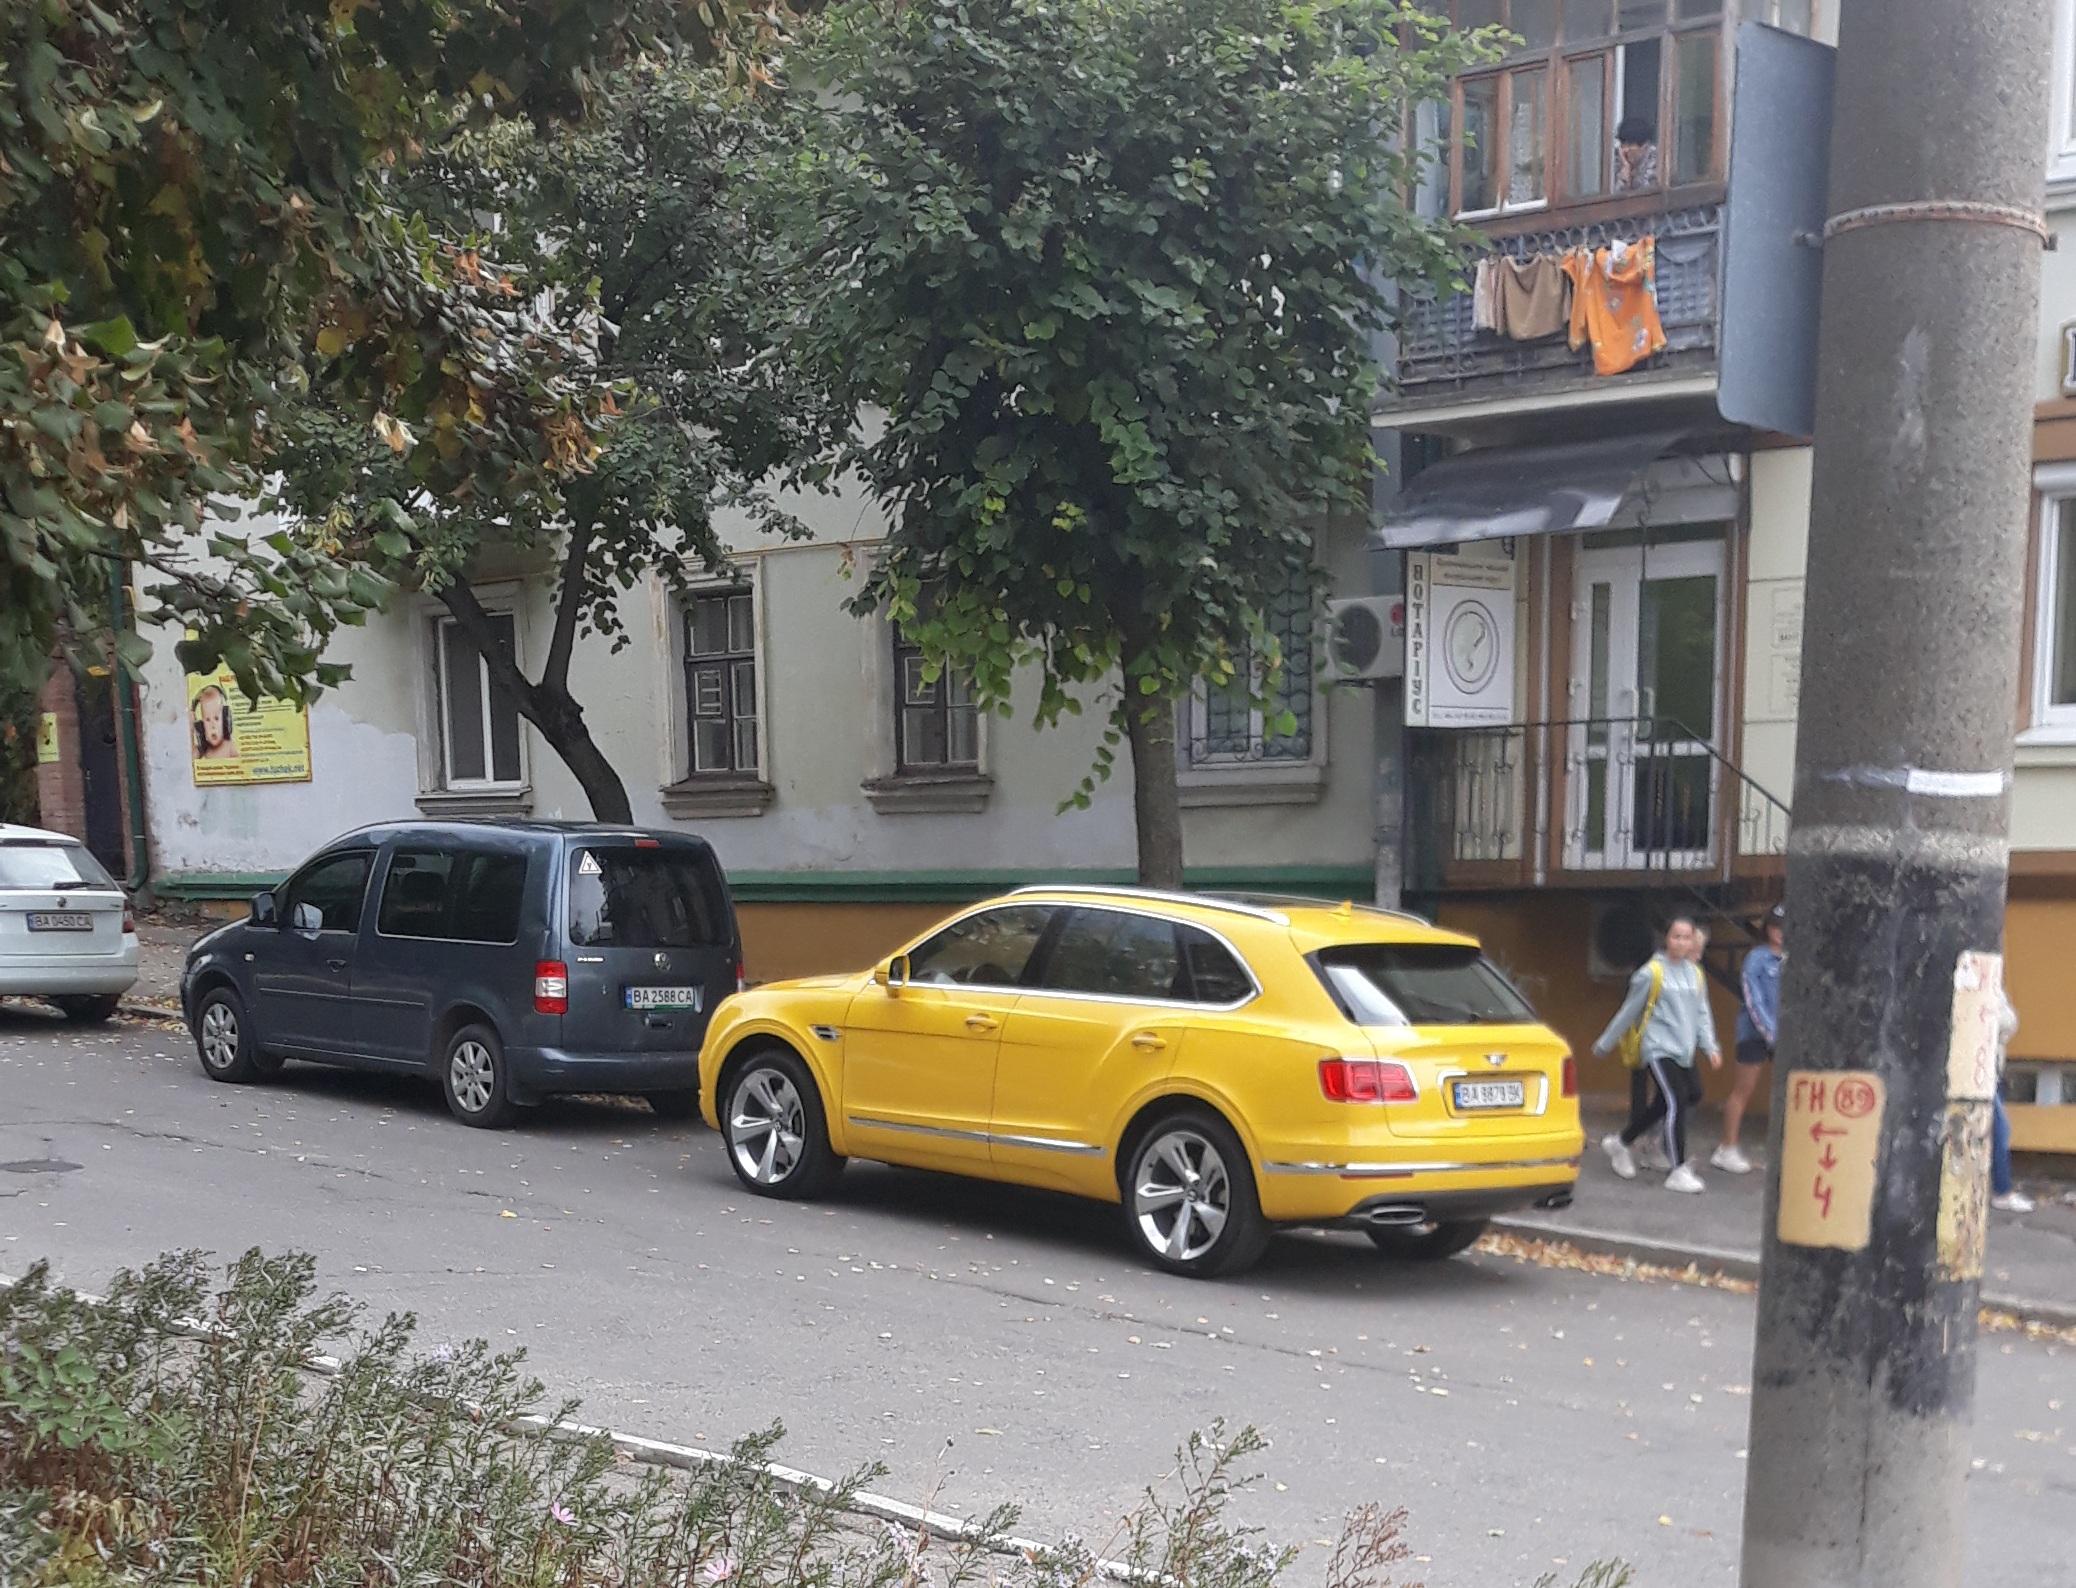 Элитный внедорожник Bentley засняли на фоне хрущевок в областном центре